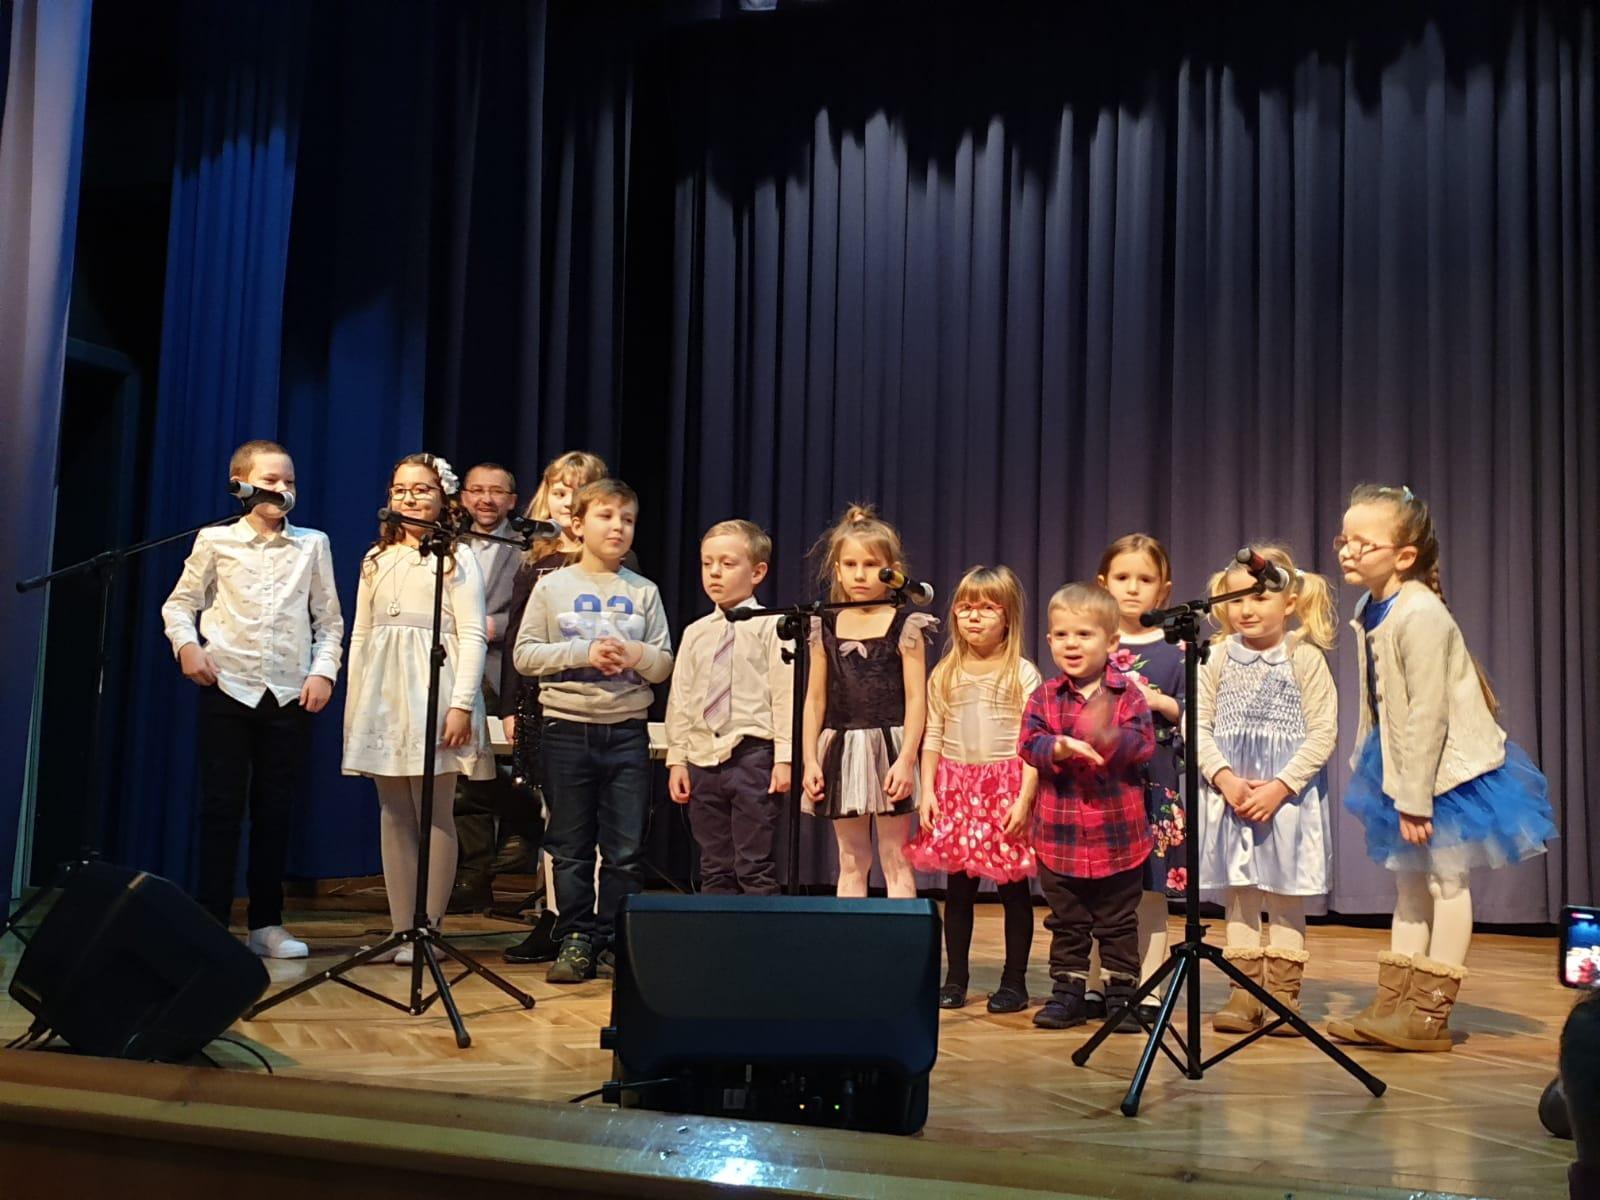 na zdjęciu widzimy grupę śpiewających dzieci